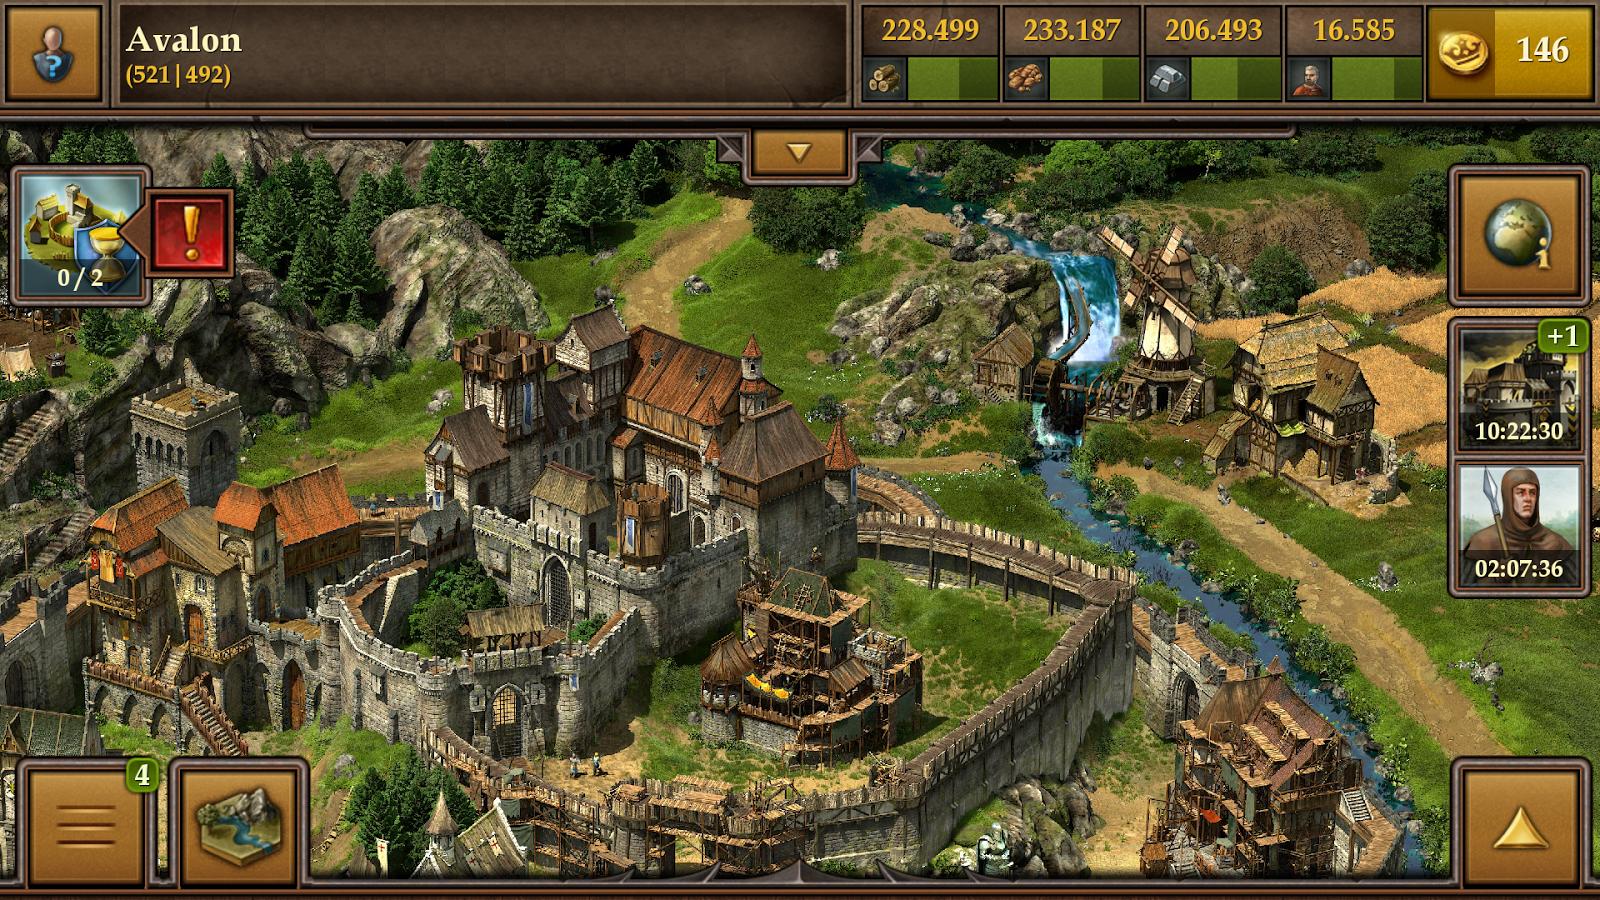 Богатая и развитая деревня с большим пшеничным полем и мельницей